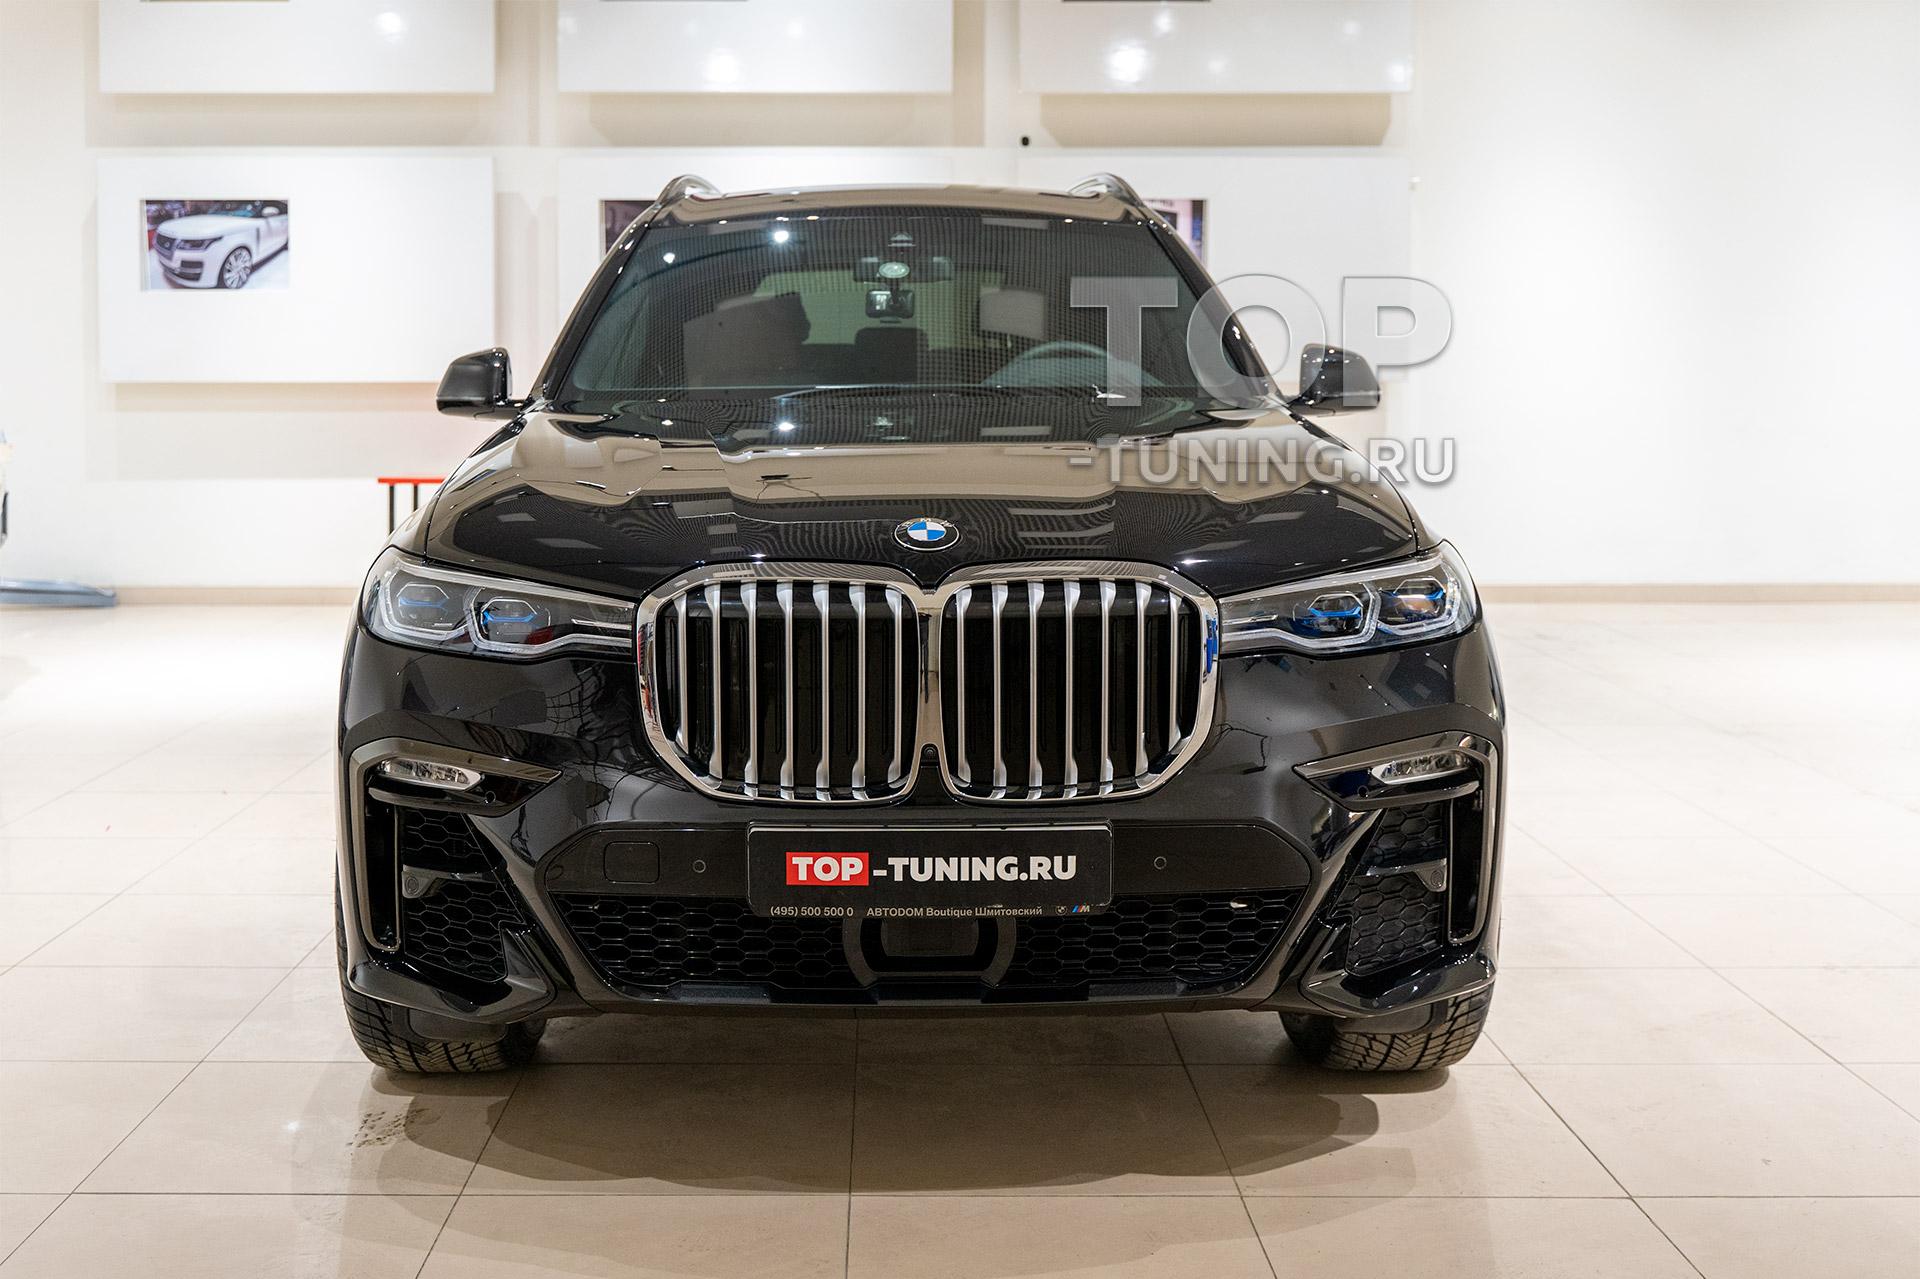 Дооснащение BMW X7 G07 - пленка, керамика, антидождь